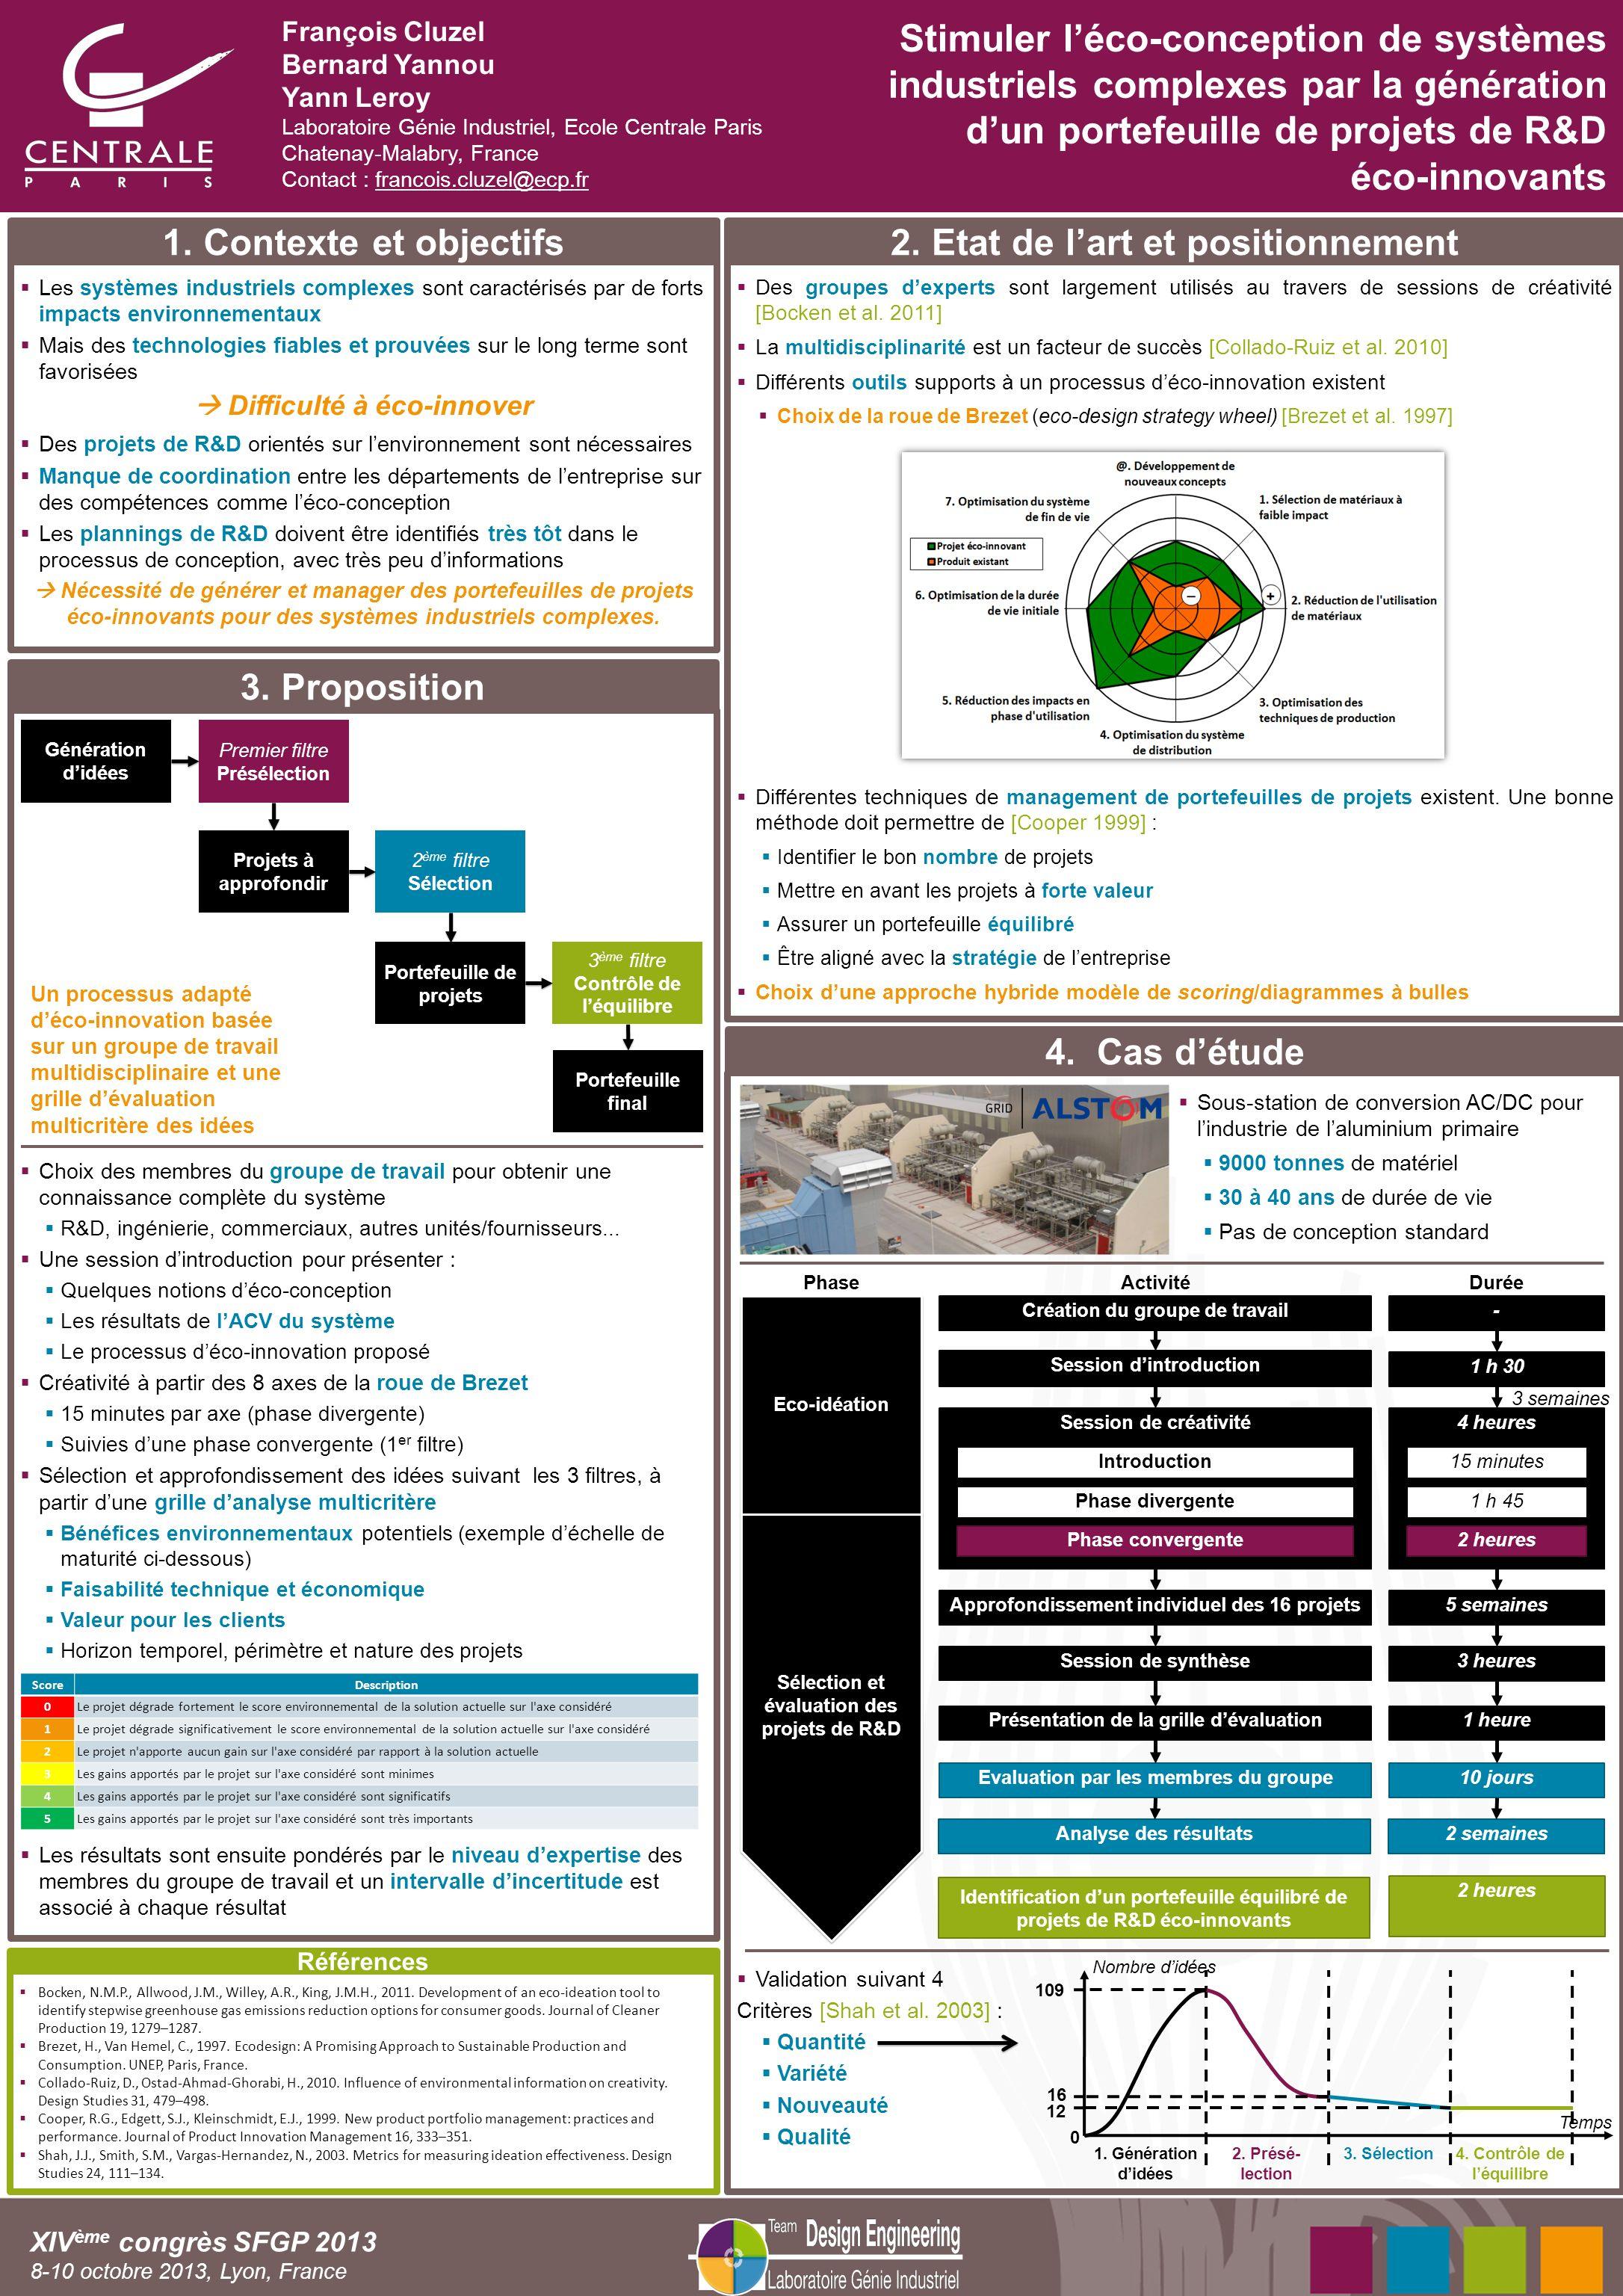 Validation suivant 4 Critères [Shah et al. 2003] : Quantité Variété Nouveauté Qualité 4. Cas détude Stimuler léco-conception de systèmes industriels c